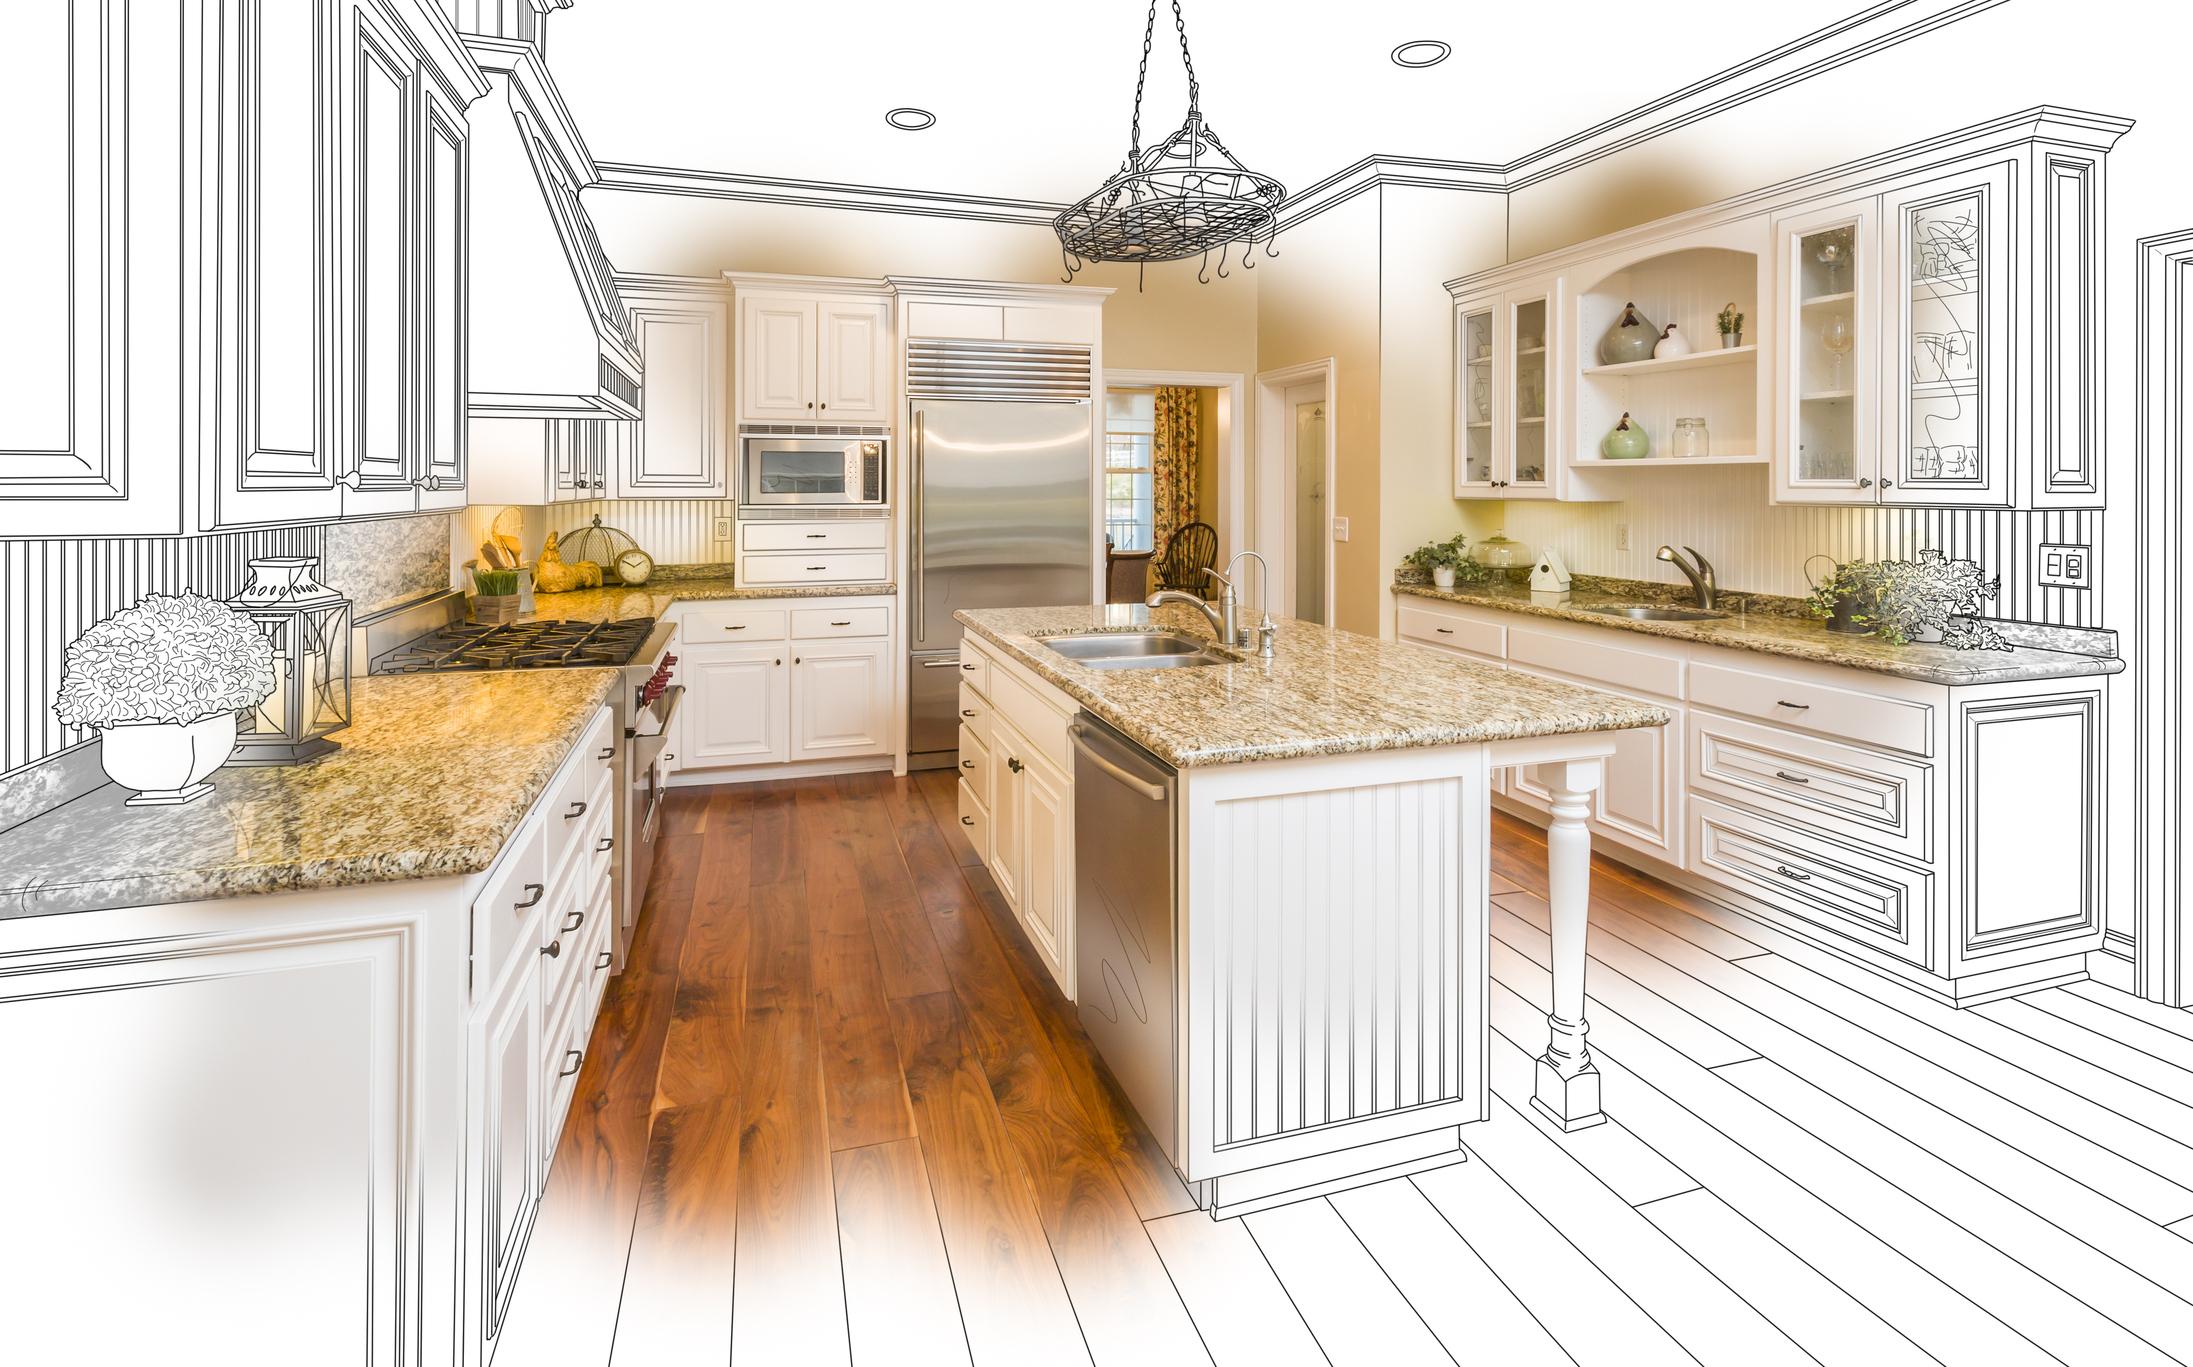 Kitchen clipart kitchen remodel. Brighten up your in